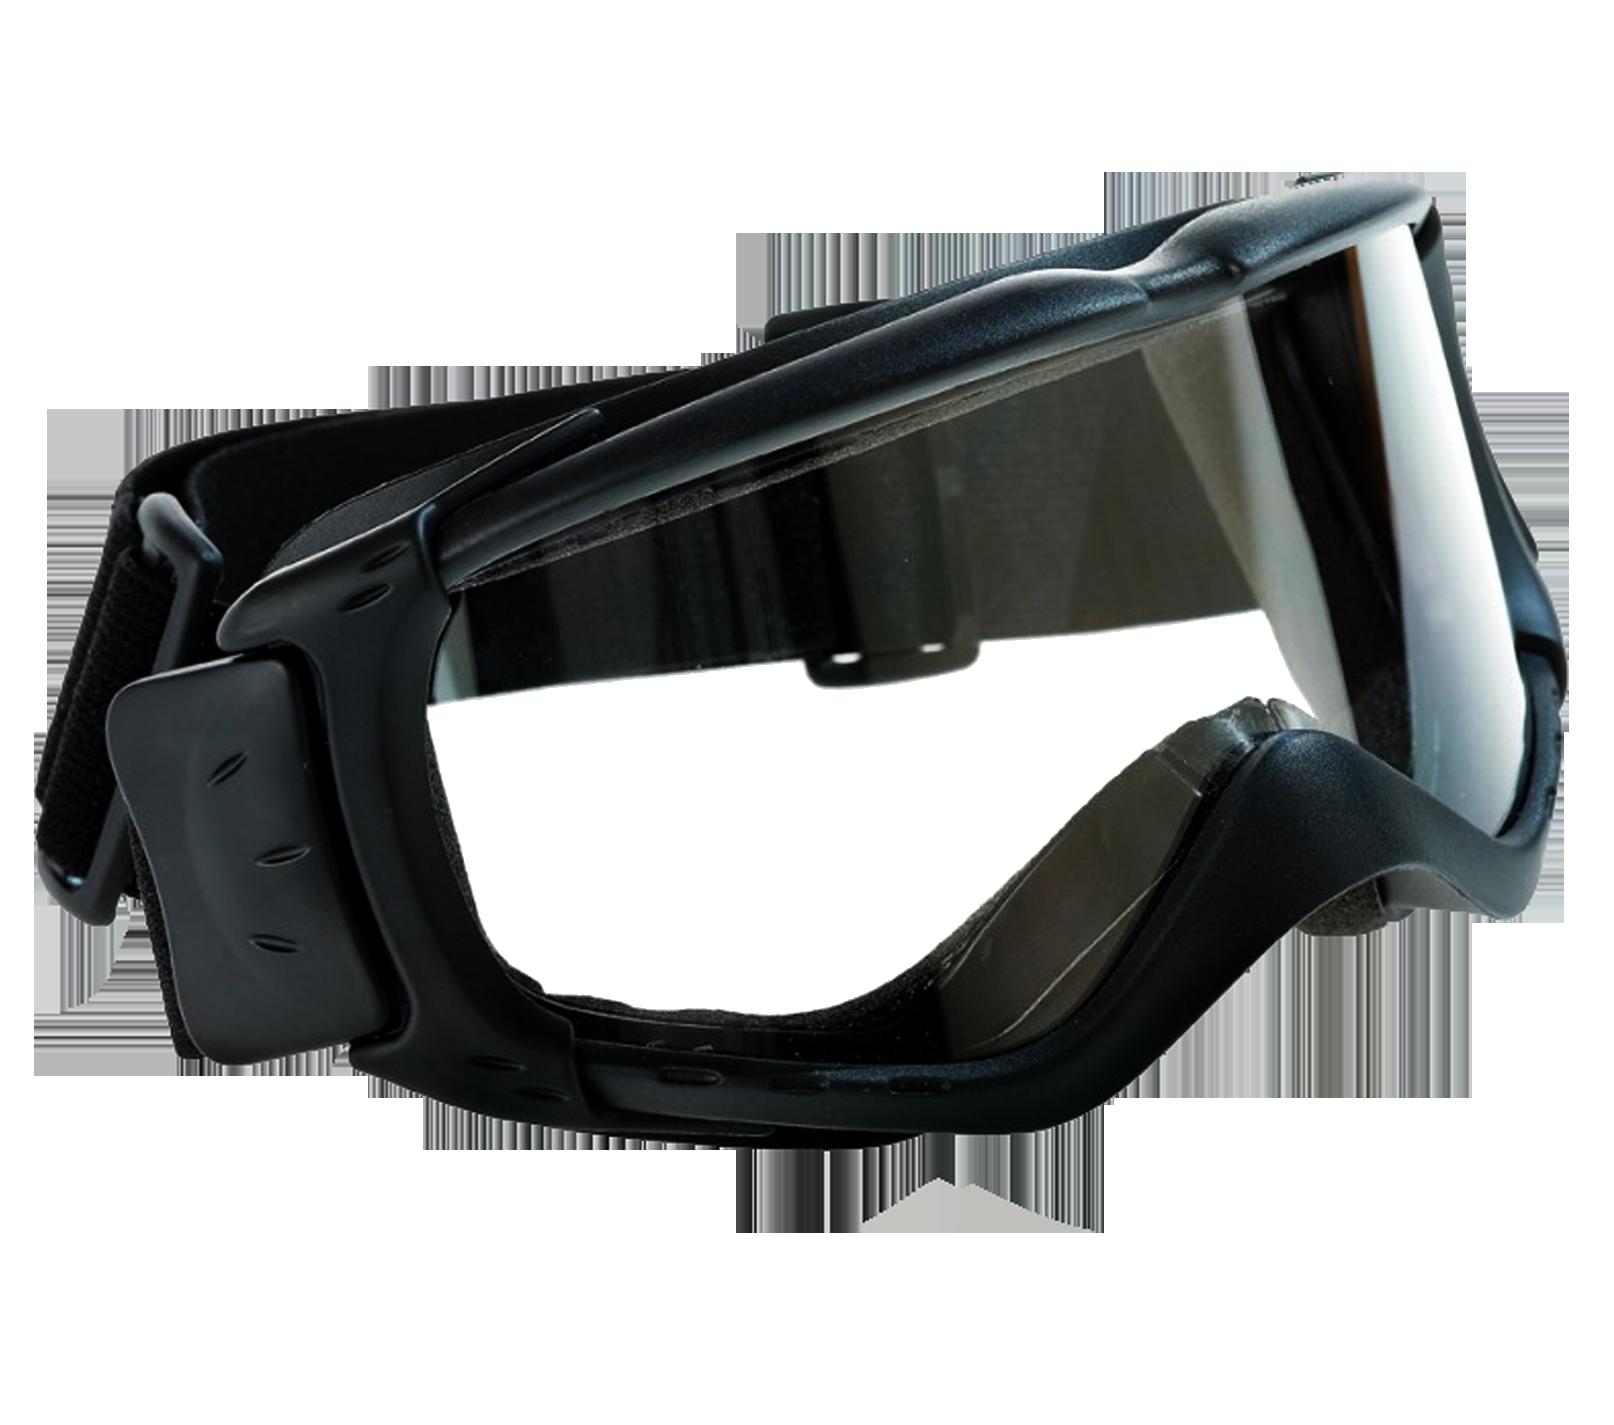 migliore vendita ampia scelta di colori e disegni vari colori Evaflex - Ampi occhiali protettivi a mascherina con lenti antigraffio e  anti-appannamento